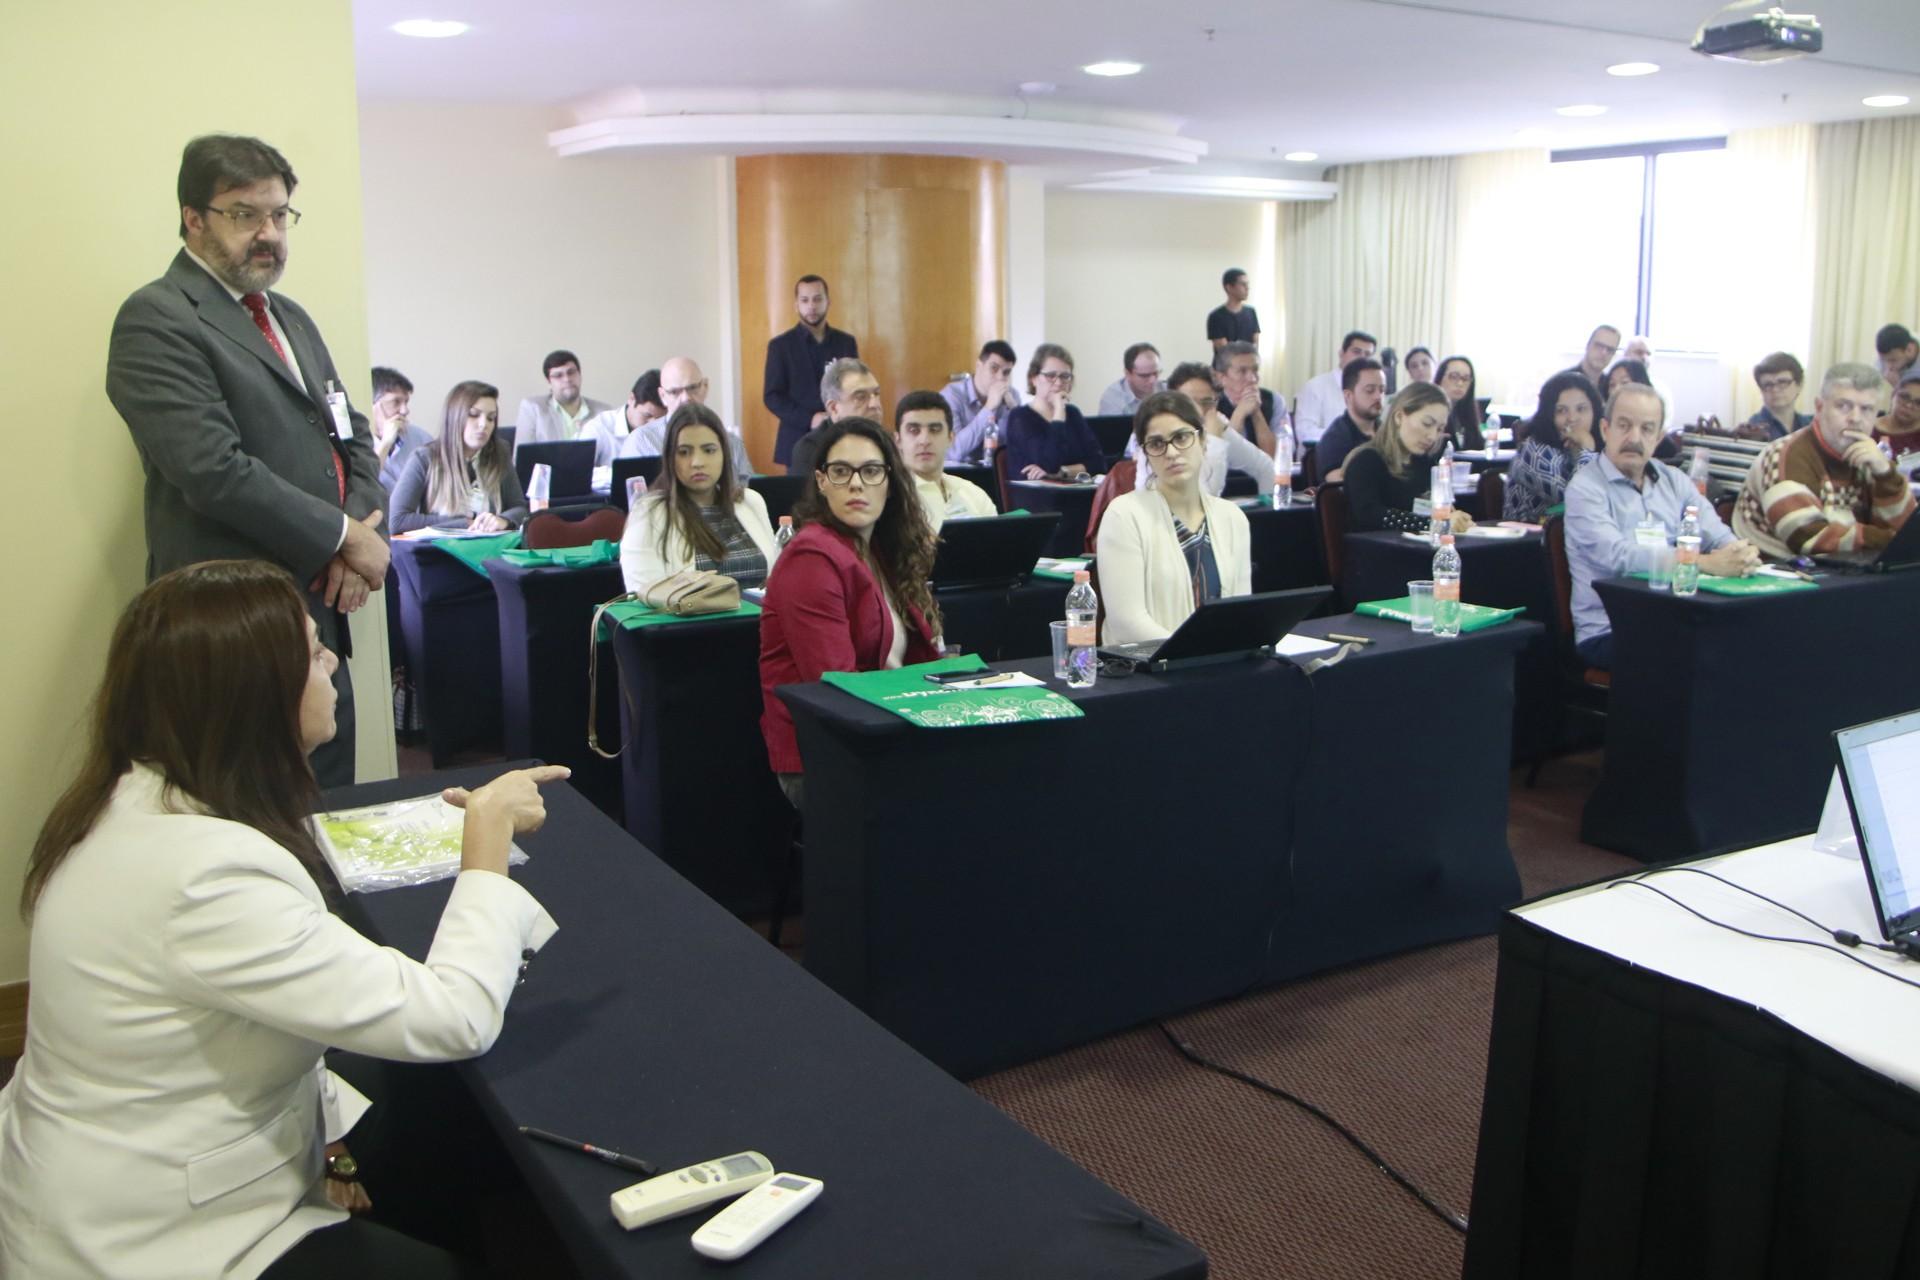 Interação entre os participantes.